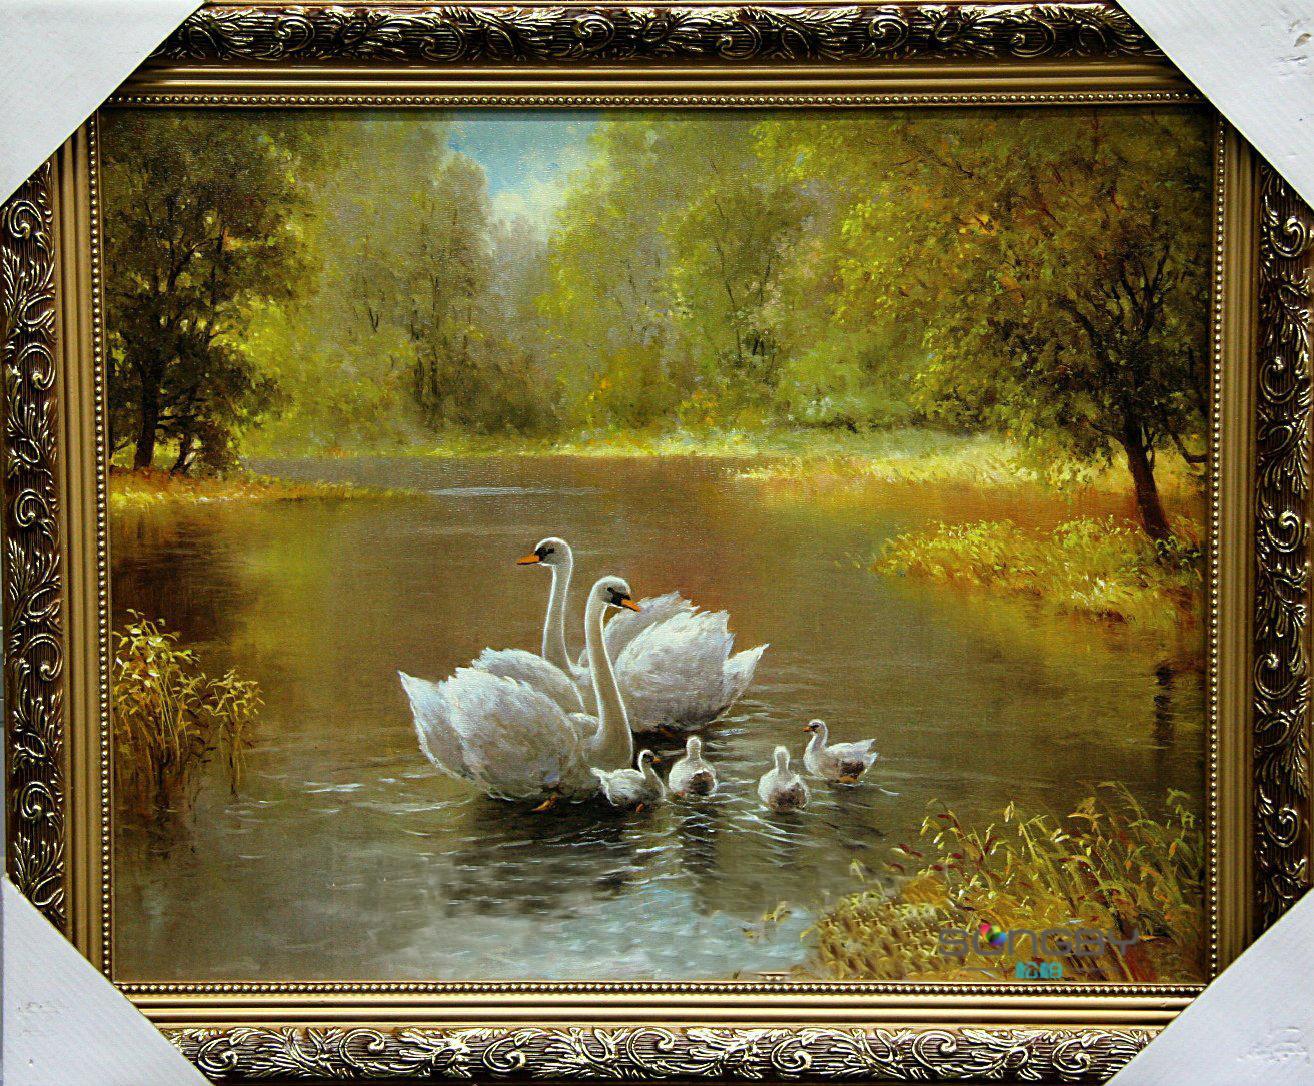 松柏高档实木外框立体有框单幅风景手绘油画